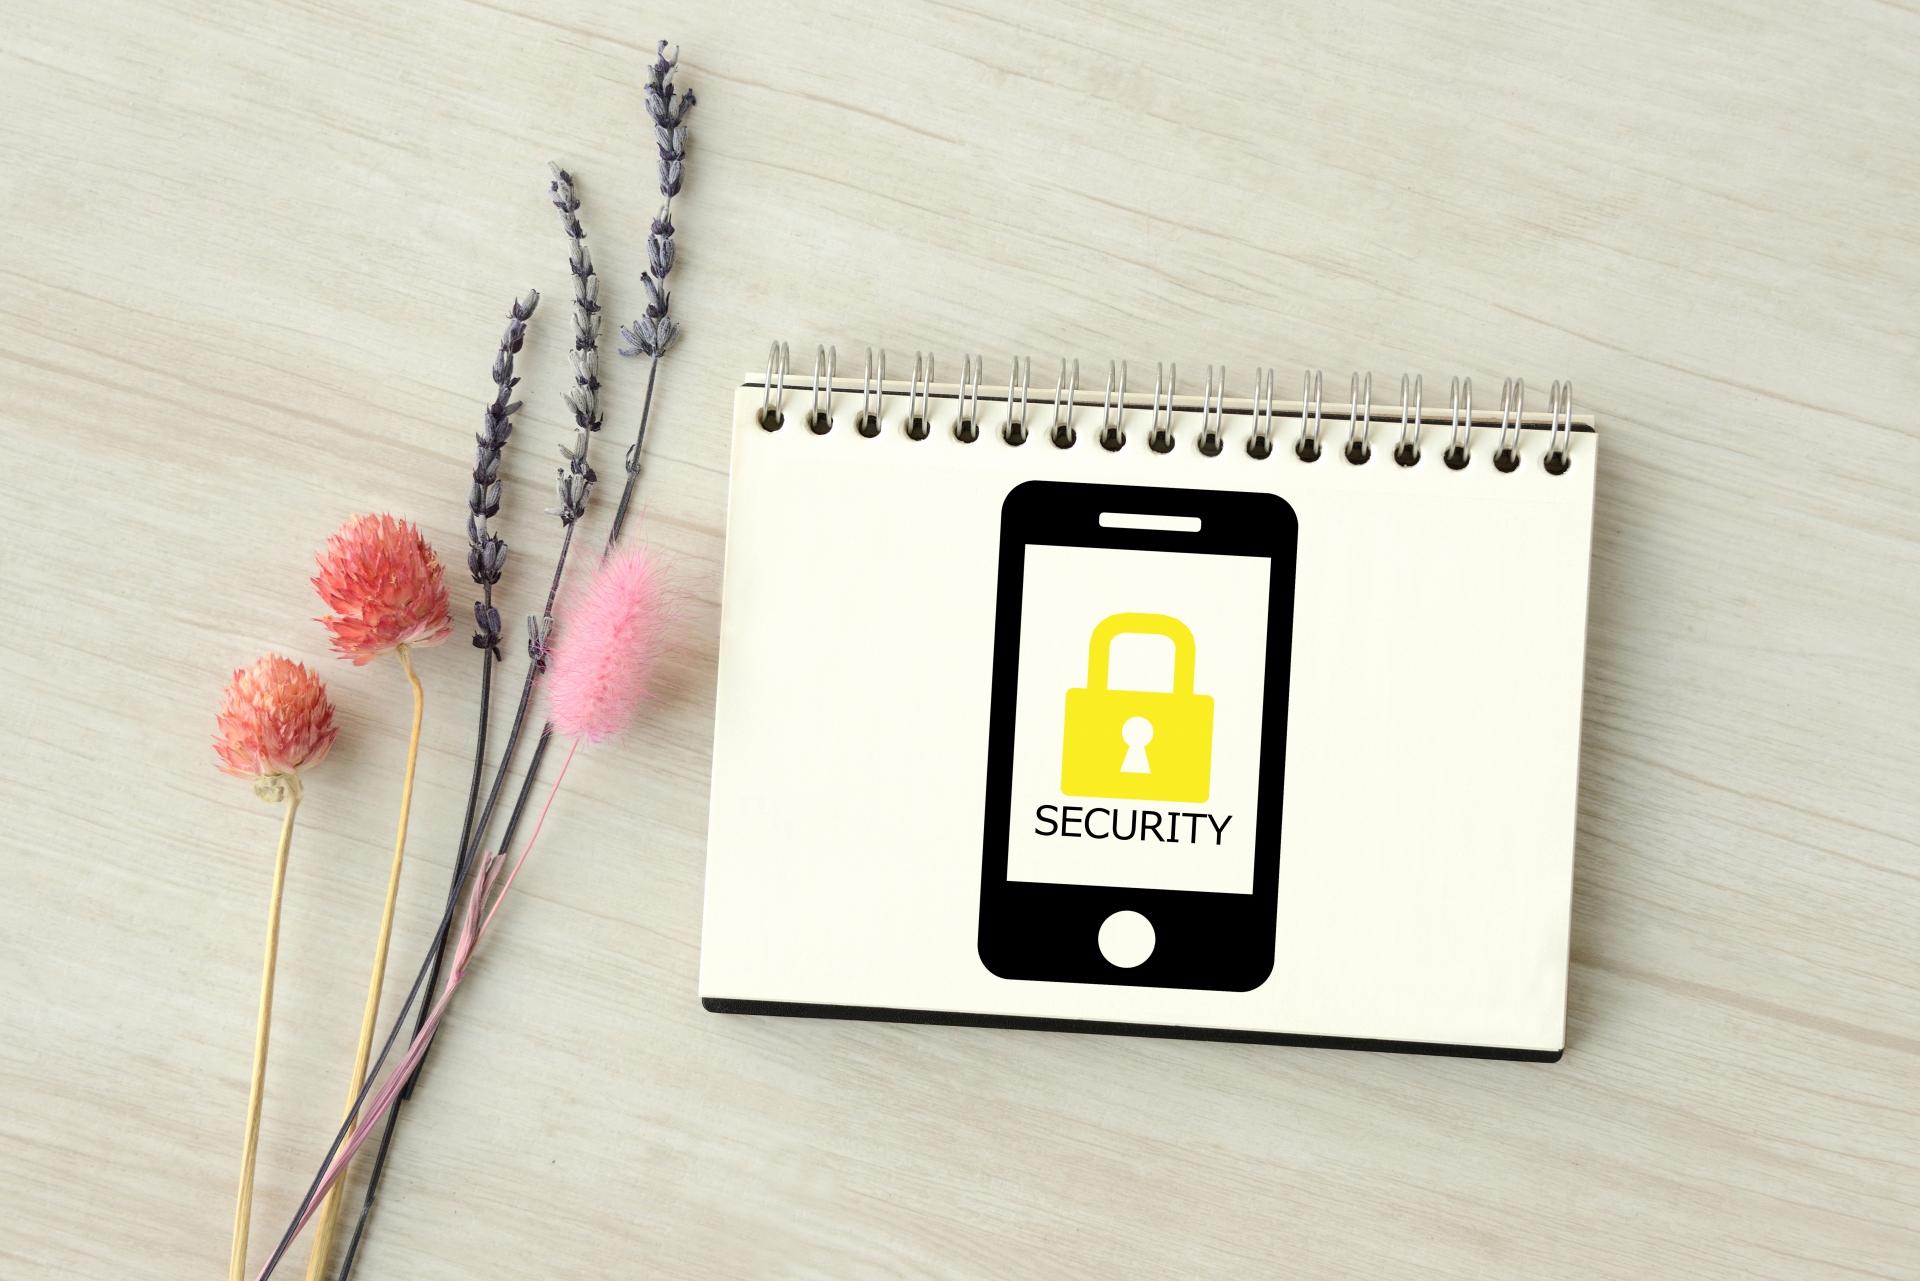 ドコモ関連サイトとパスワードの種類が多すぎる!?一目瞭然のリストはこれだ!